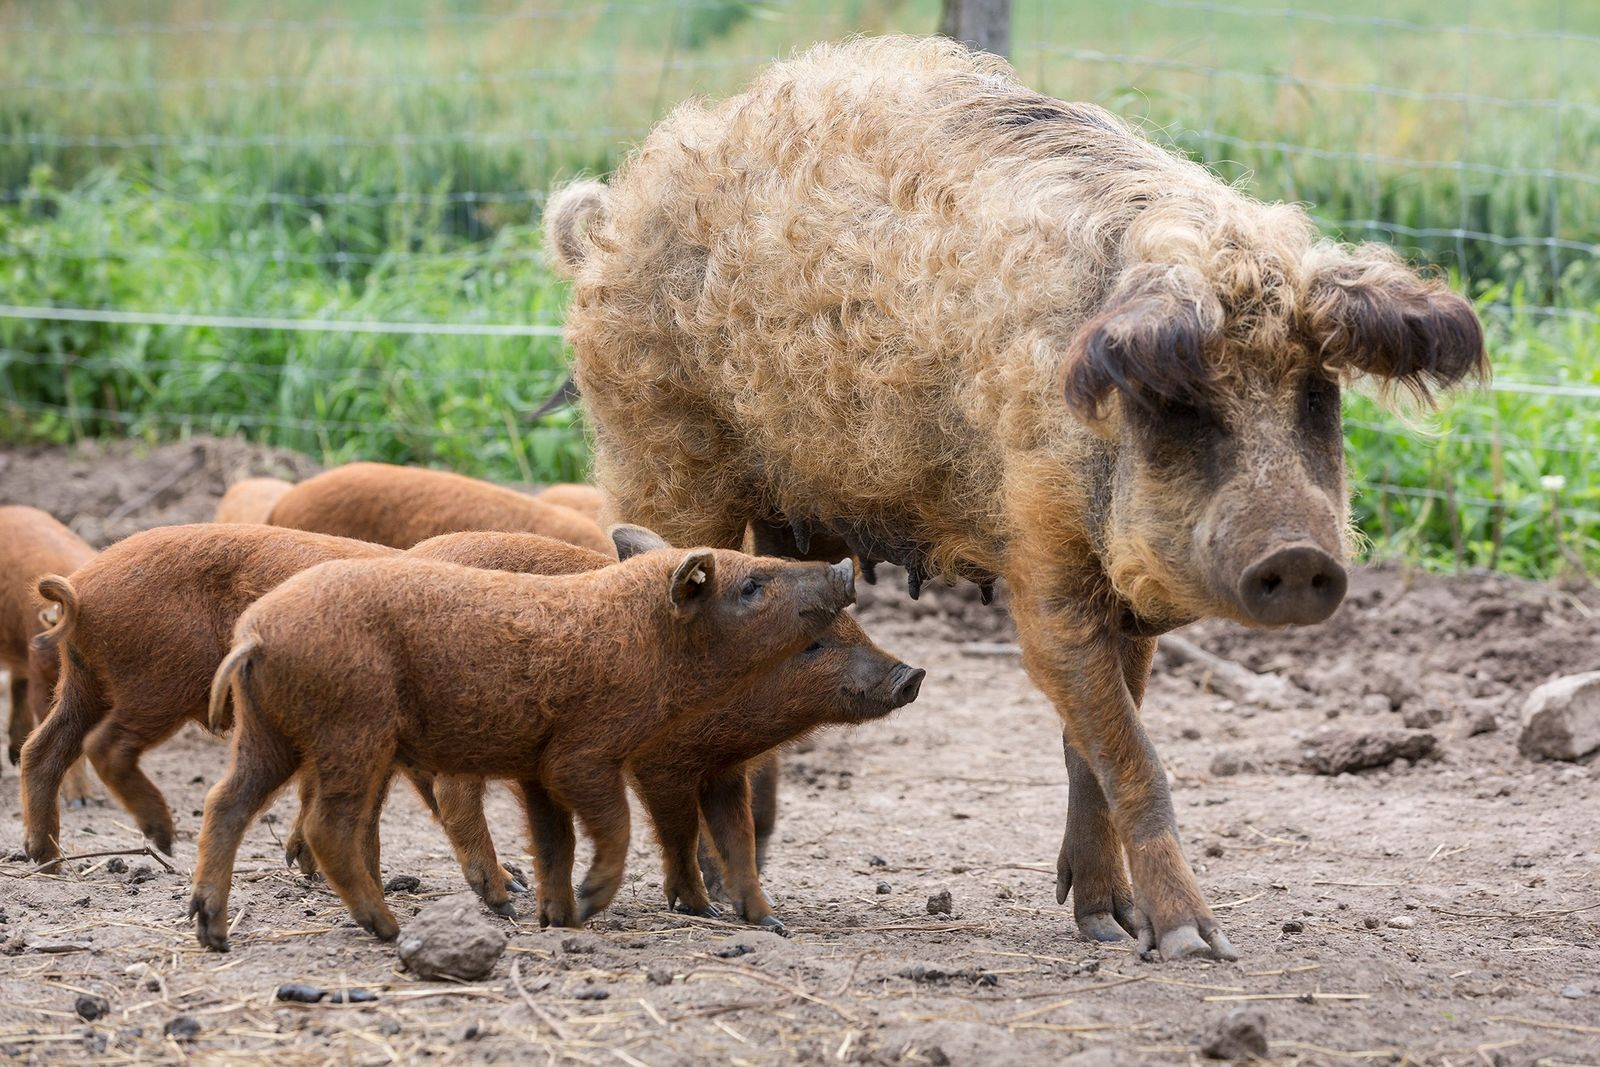 Leitões mangalitsa, também chamados de porcos-ovelha, seguem a mãe na Alemanha.